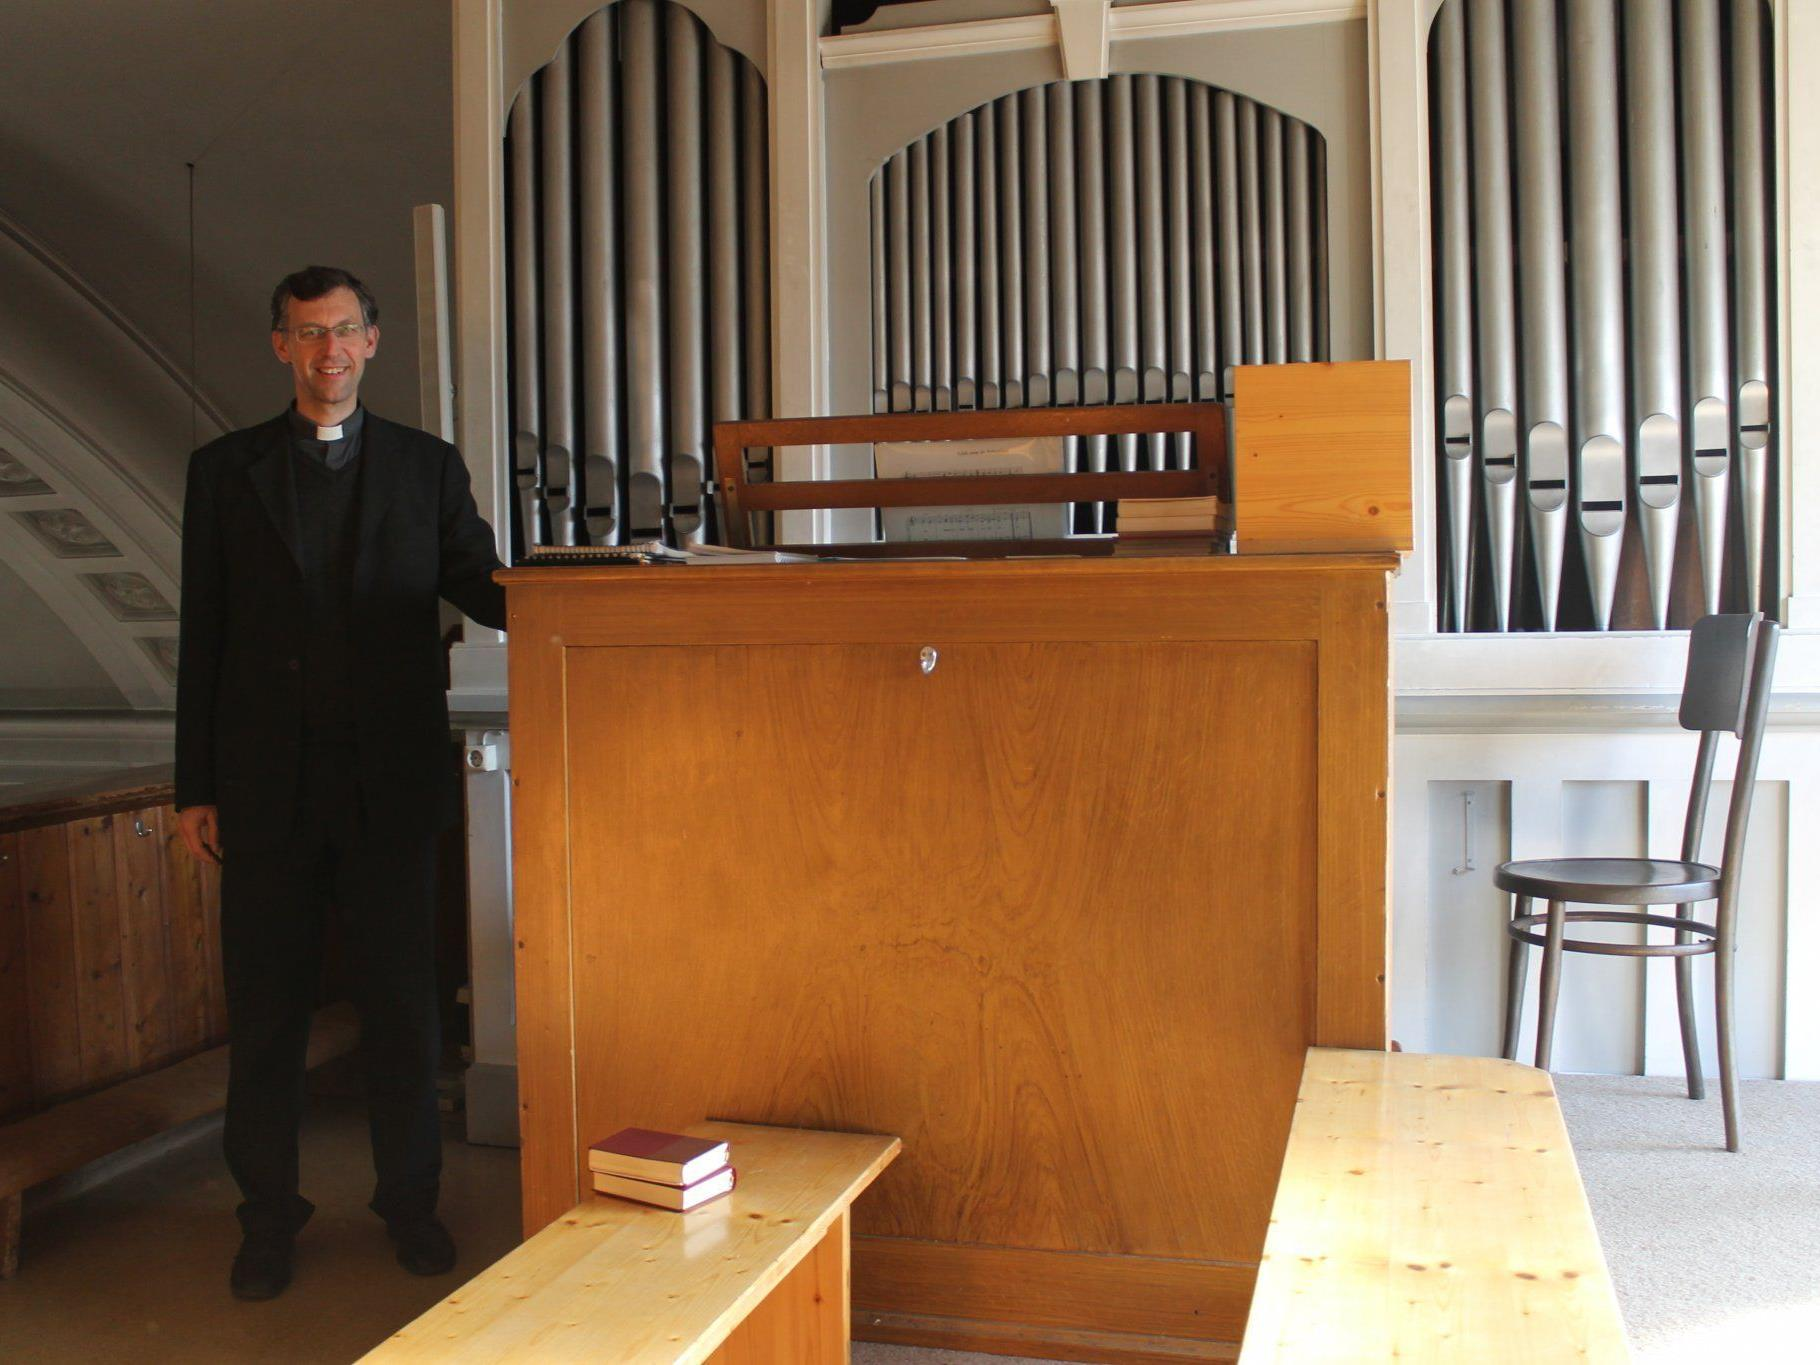 Pater Thomas vor der nicht mehr reparablen Kirchenorgel.